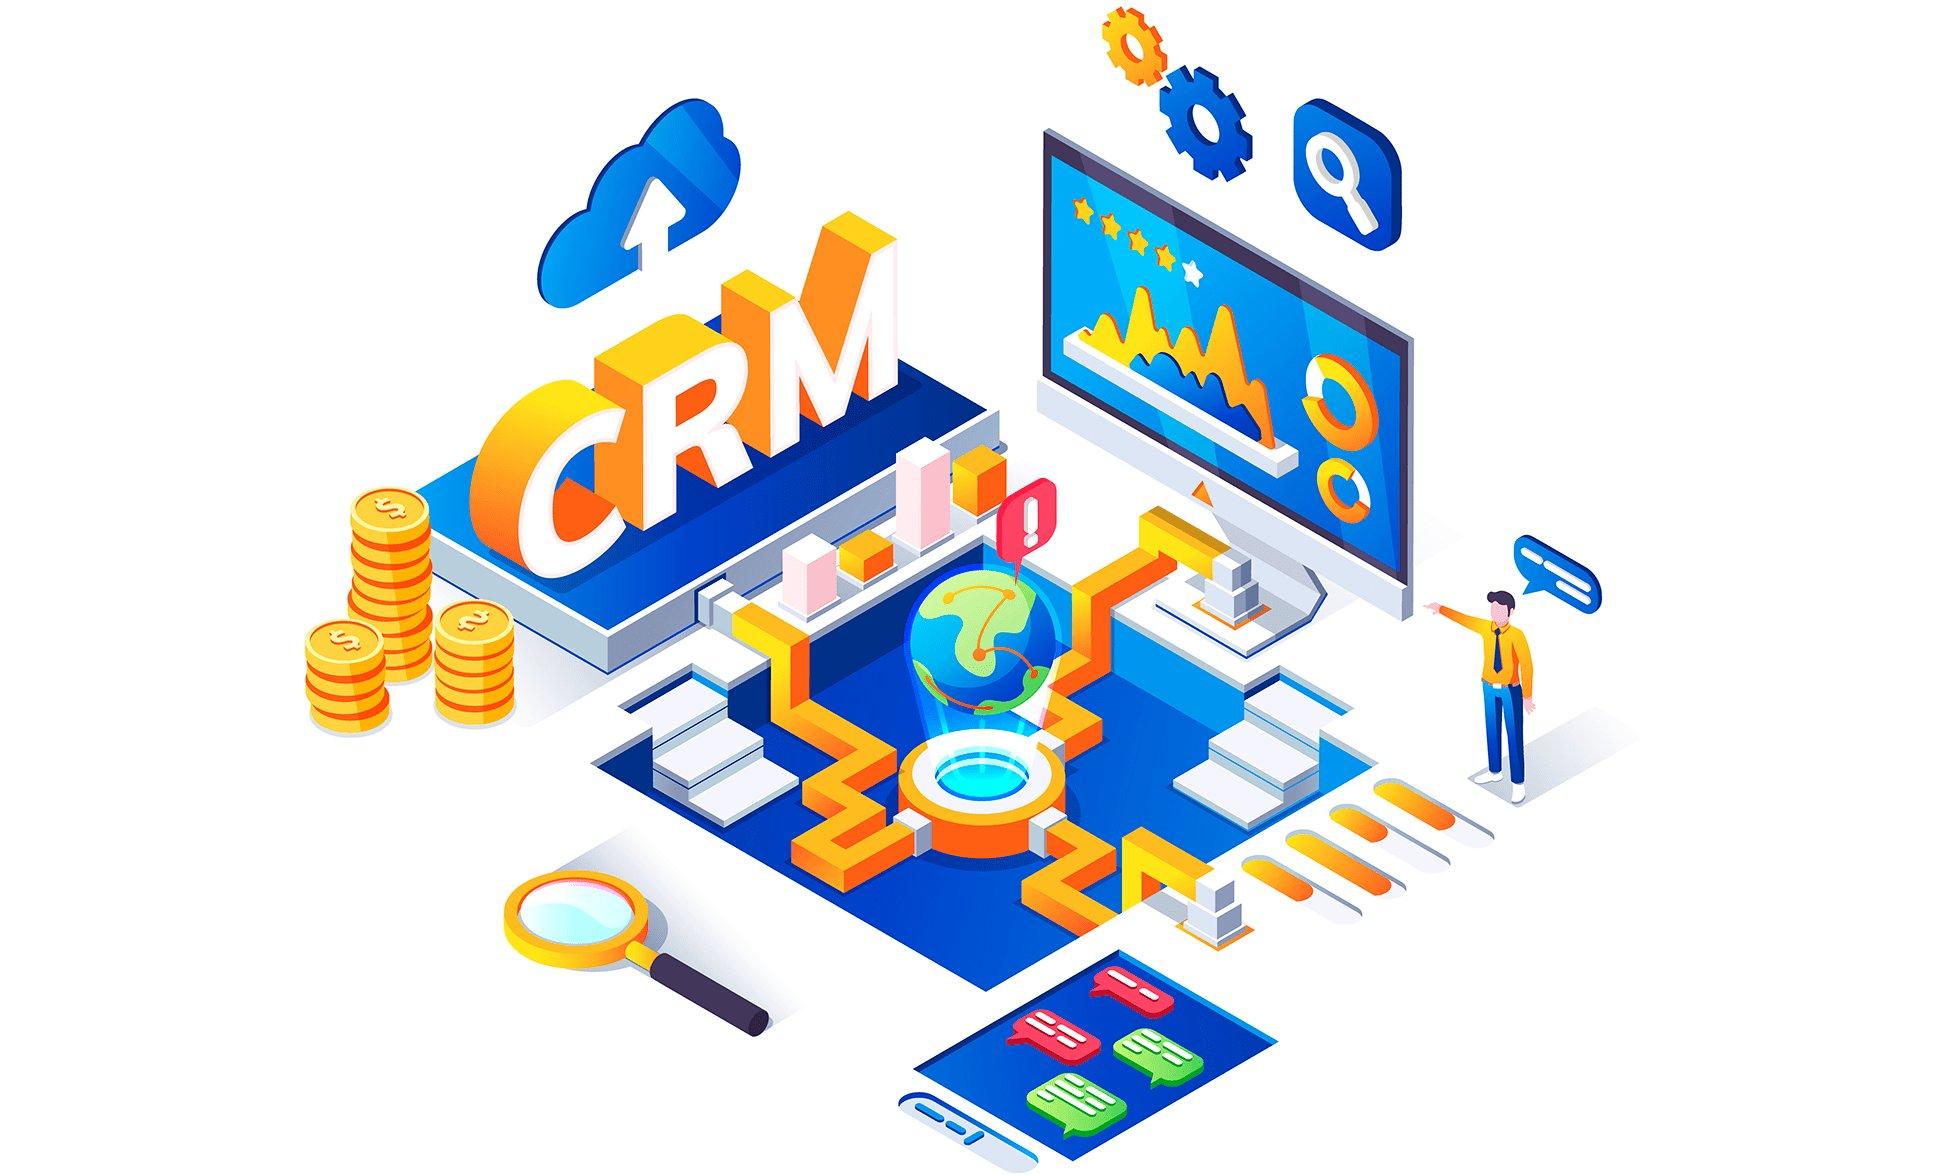 Зачем нужна интеграция CRM-системы с сайтом